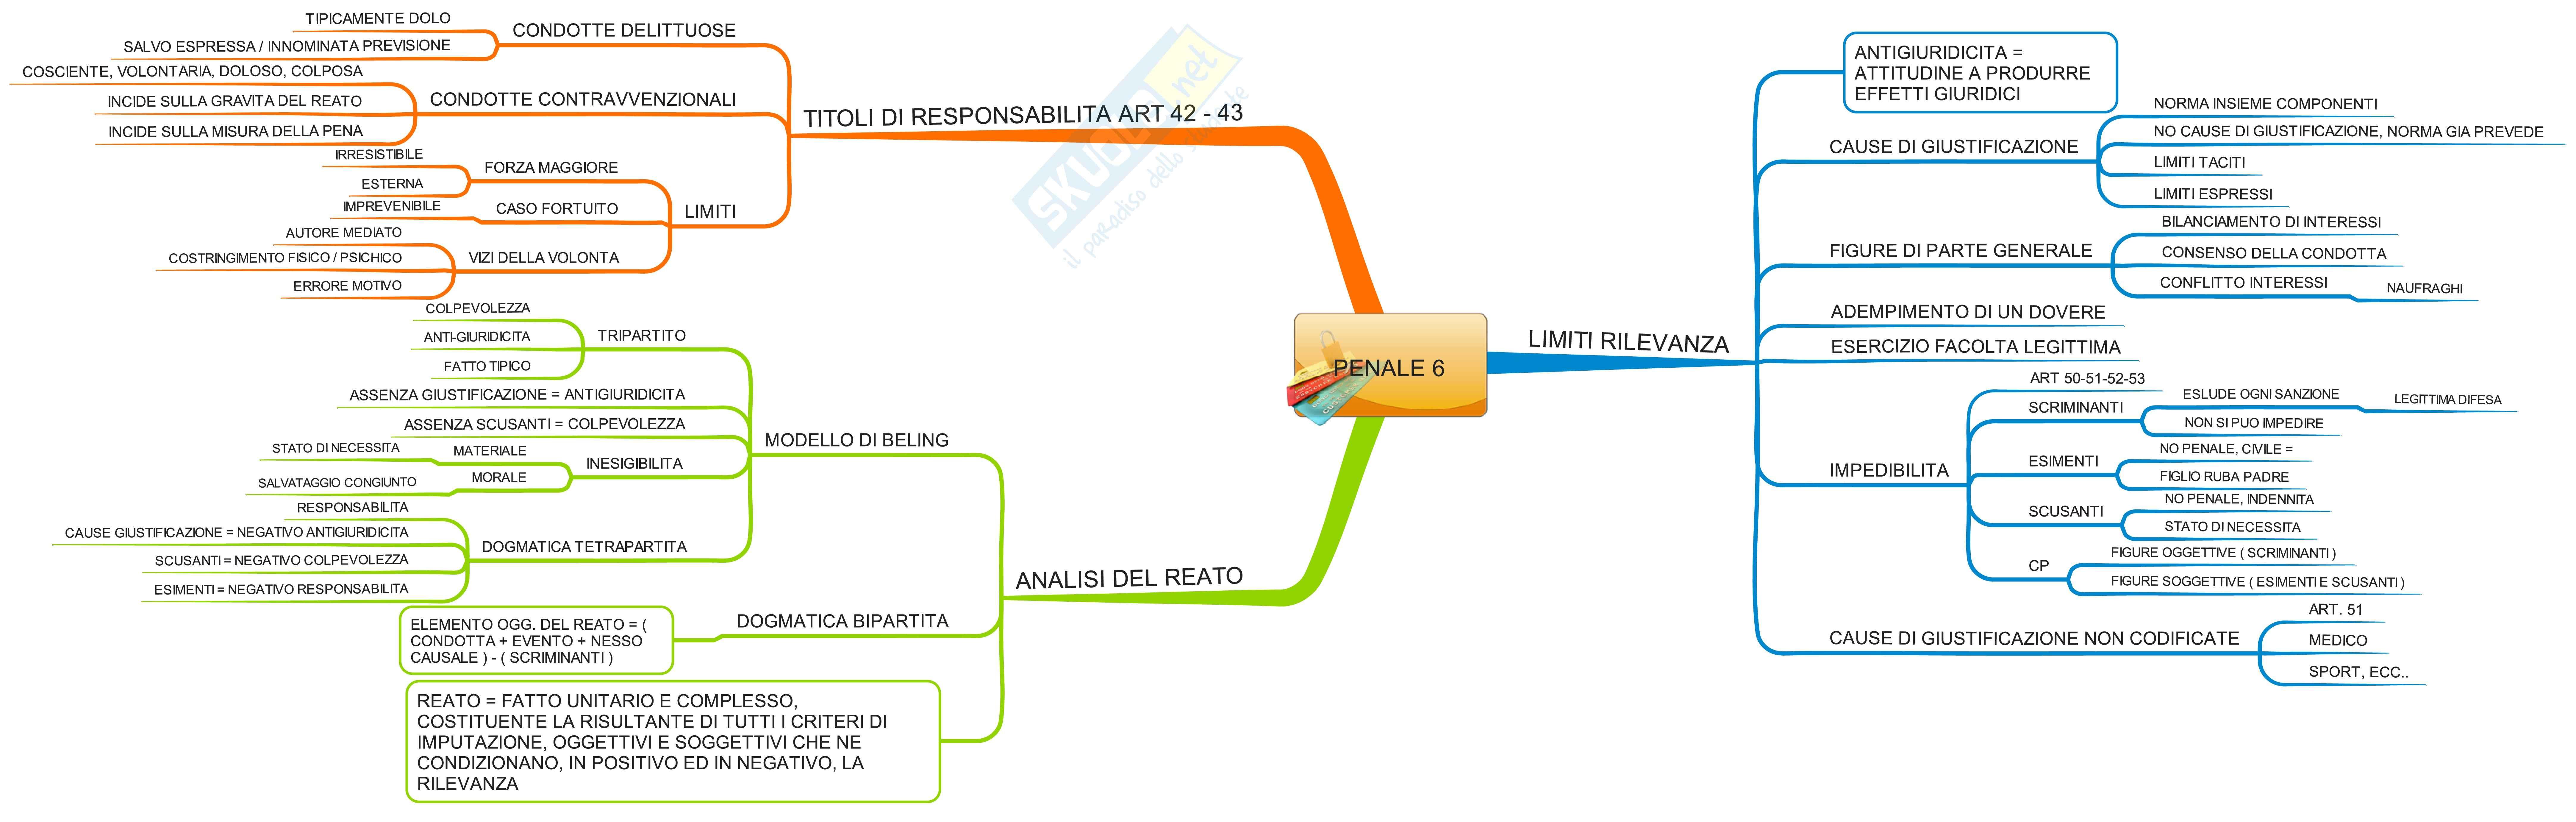 Diritto penale - mappe mentali Pag. 6